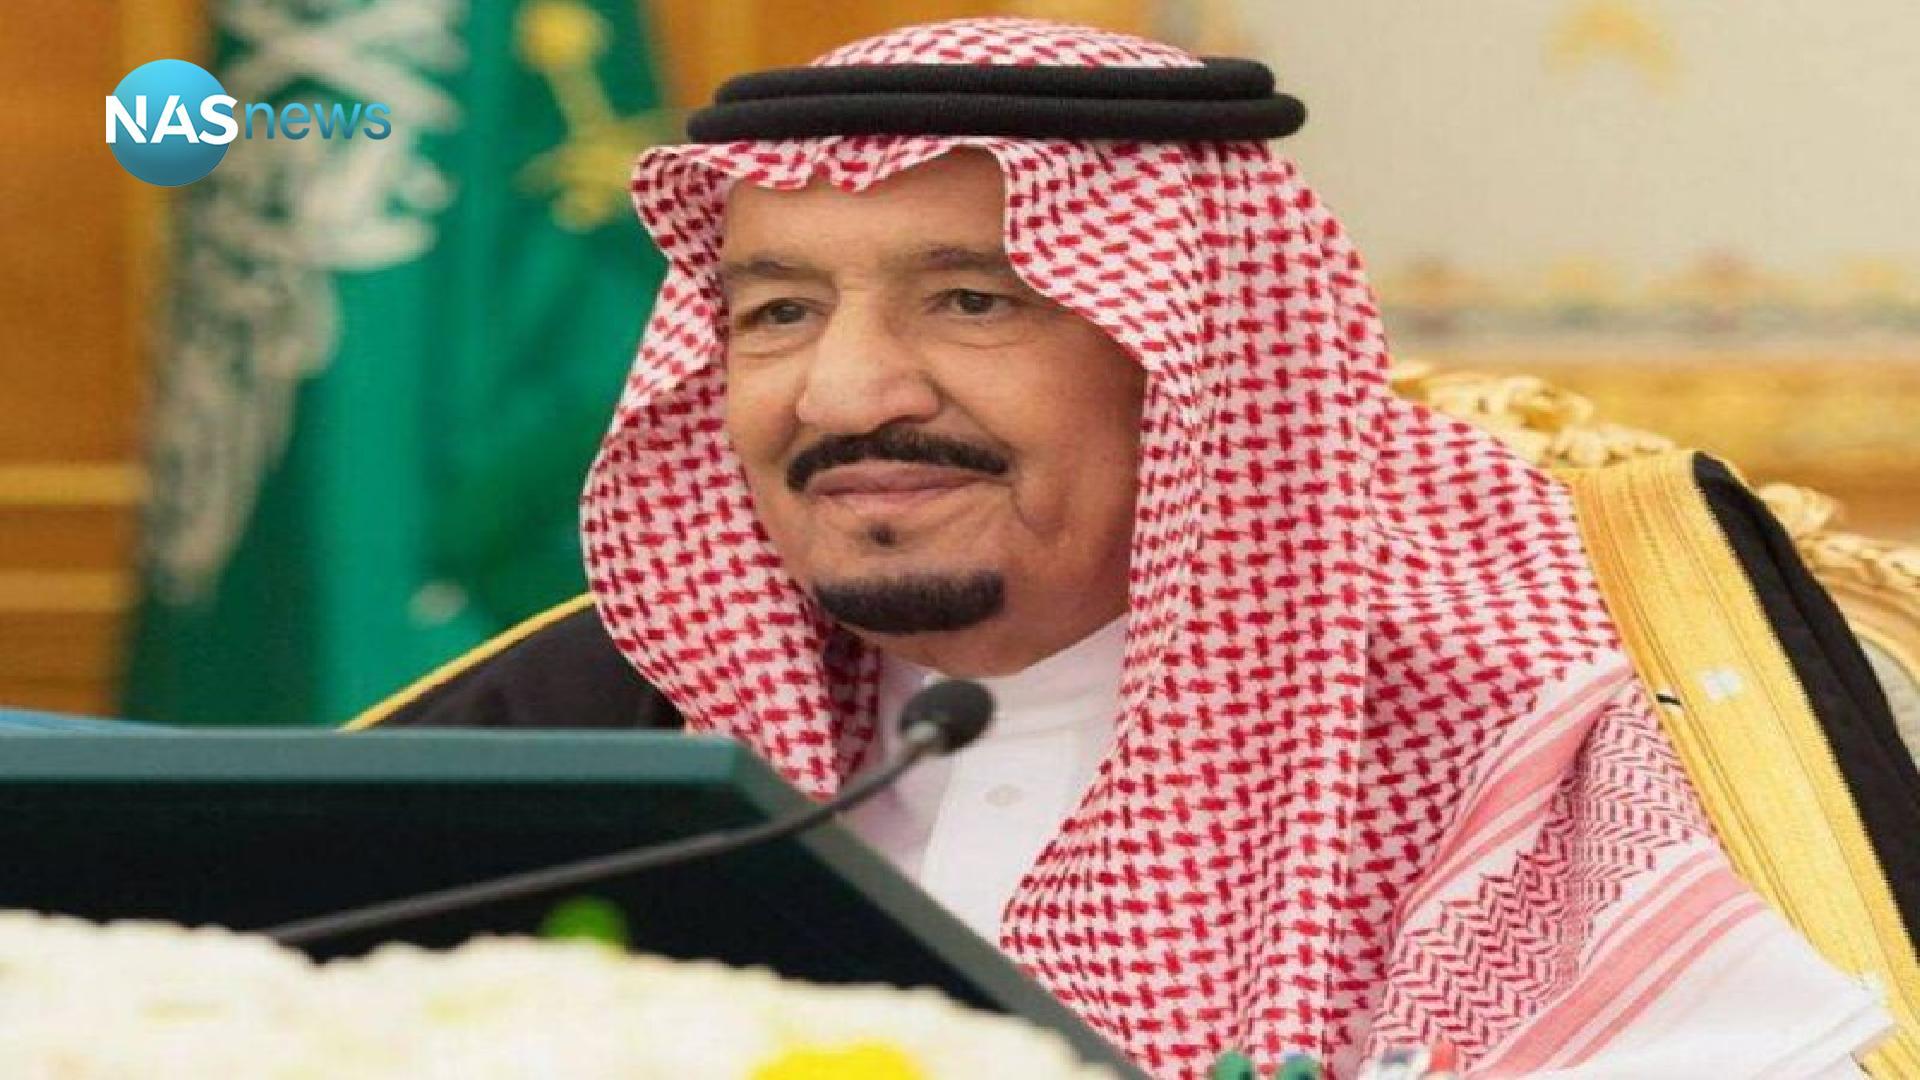 الملك سلمان يعيد هيكلة هيئة كبار العلماء